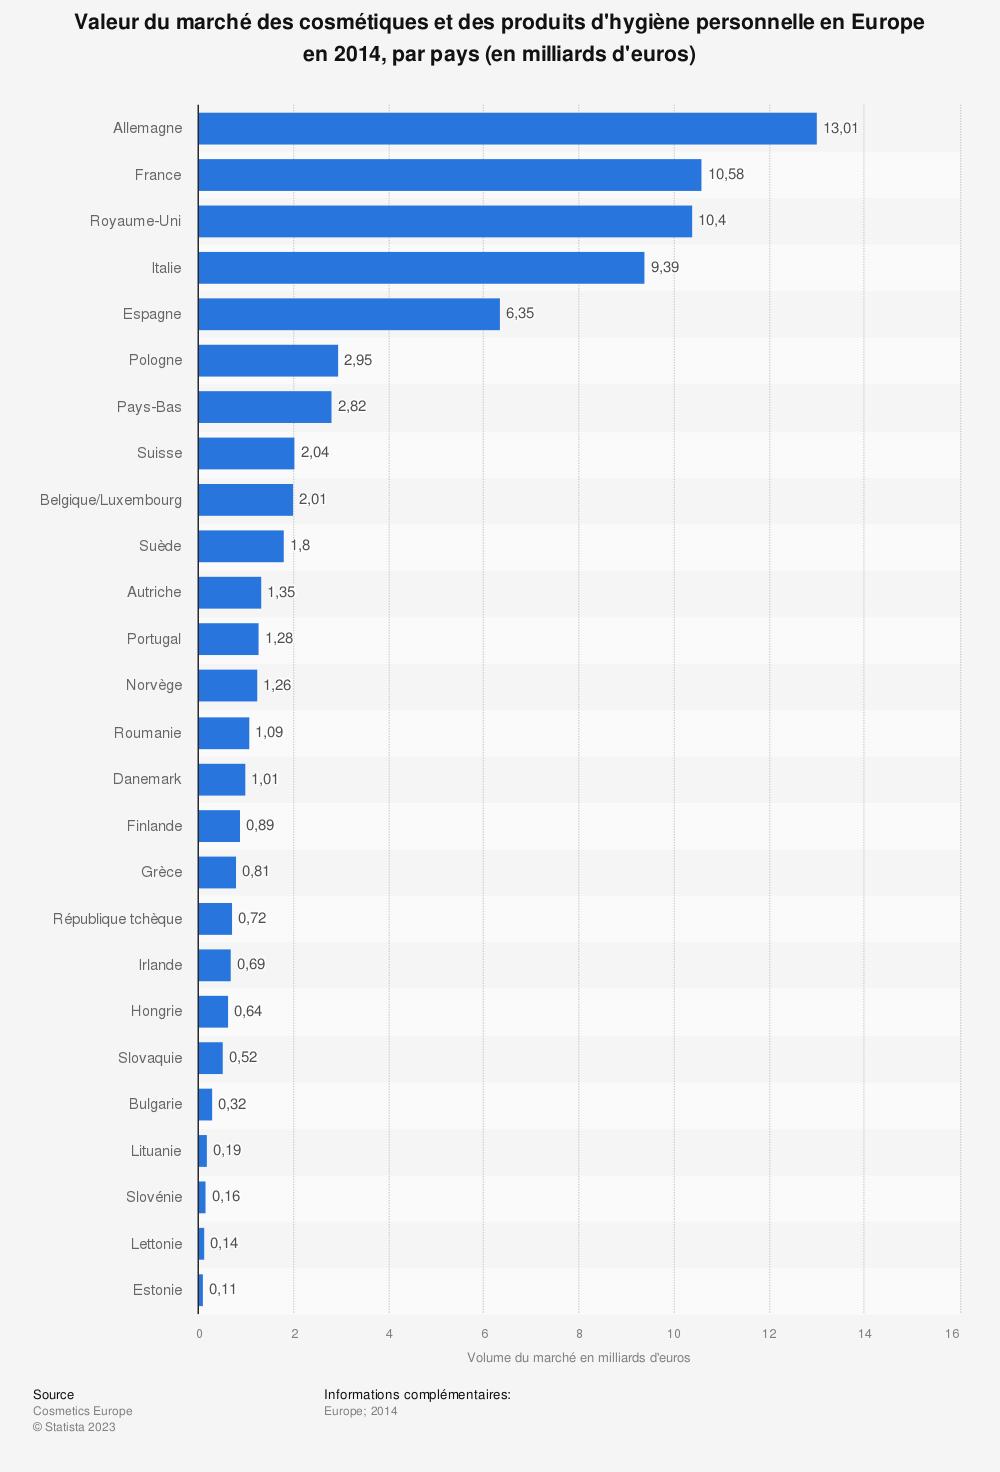 Statistique: Valeur du marché des cosmétiques et des produits d'hygiène personnelle en Europe en 2014, par pays (en milliards d'euros) | Statista